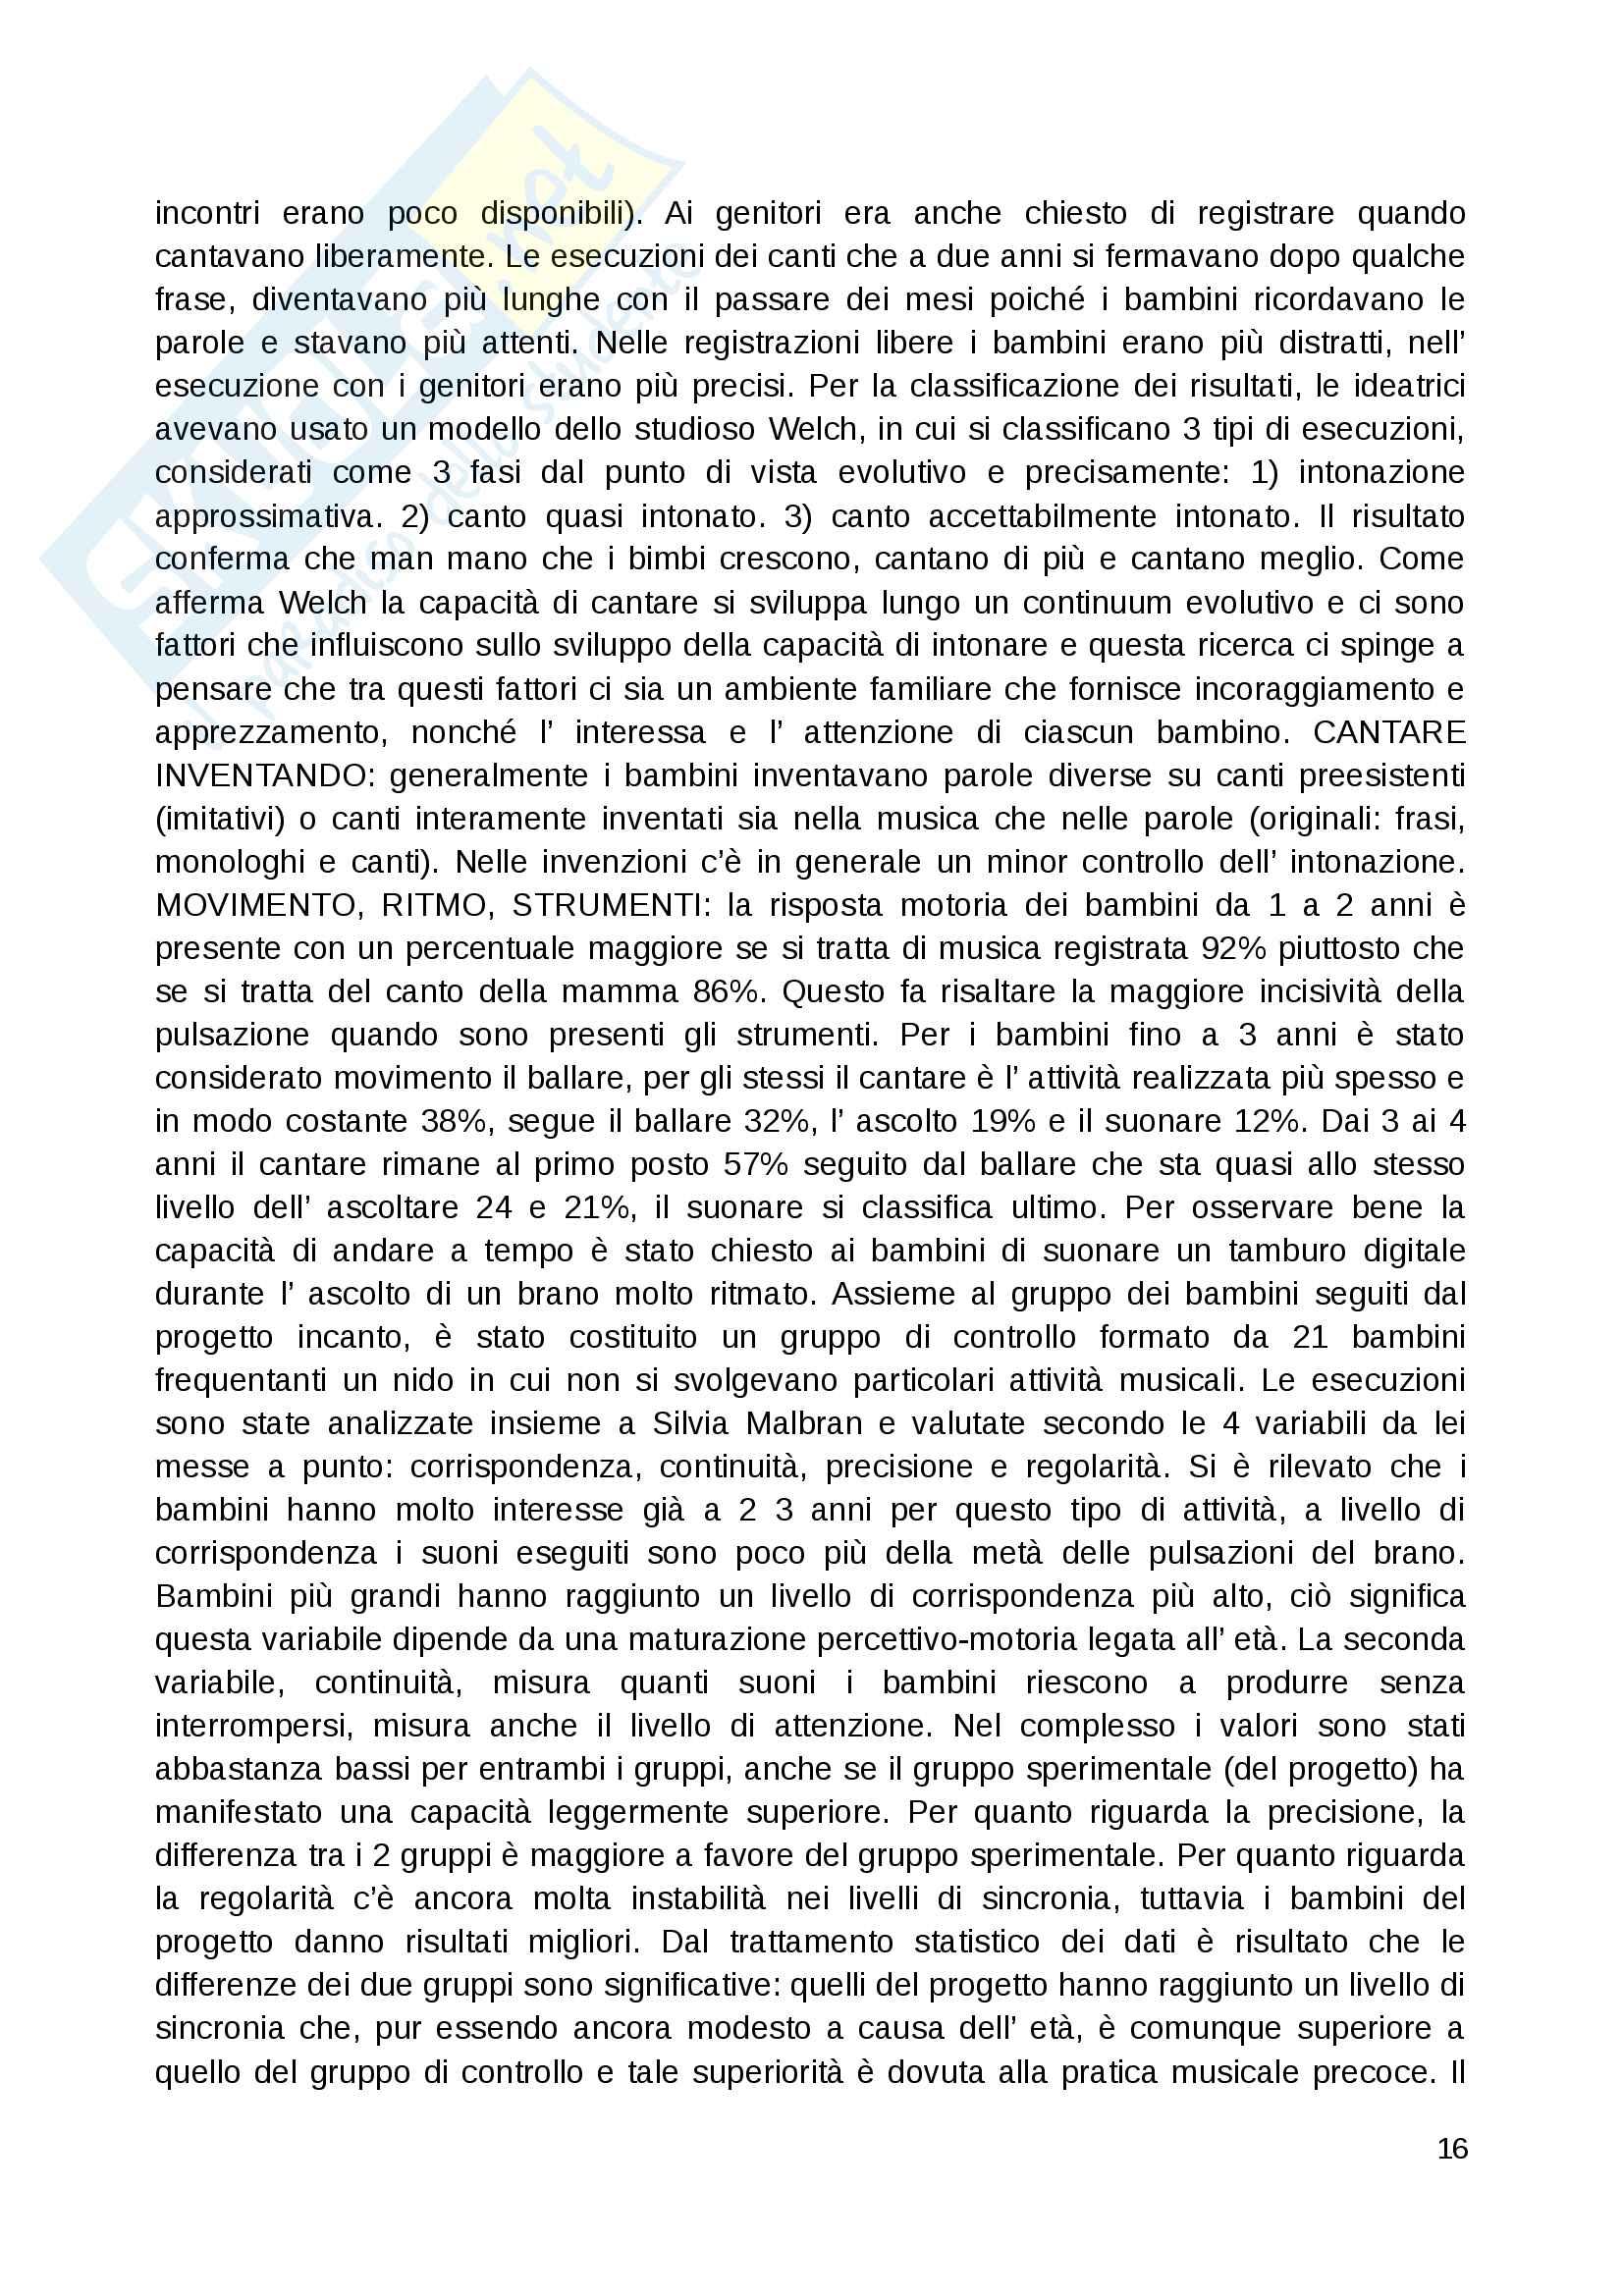 """Riassunto esame Educazione musicale, prof. Luisa Curinga, libri consigliati """"Suoni e significati"""" di Baroni Mario, """"Teorie, metodi e pratiche"""" di Johannella Tafuri e """"Nascere musicali"""" di Johannella Tafuri Pag. 16"""